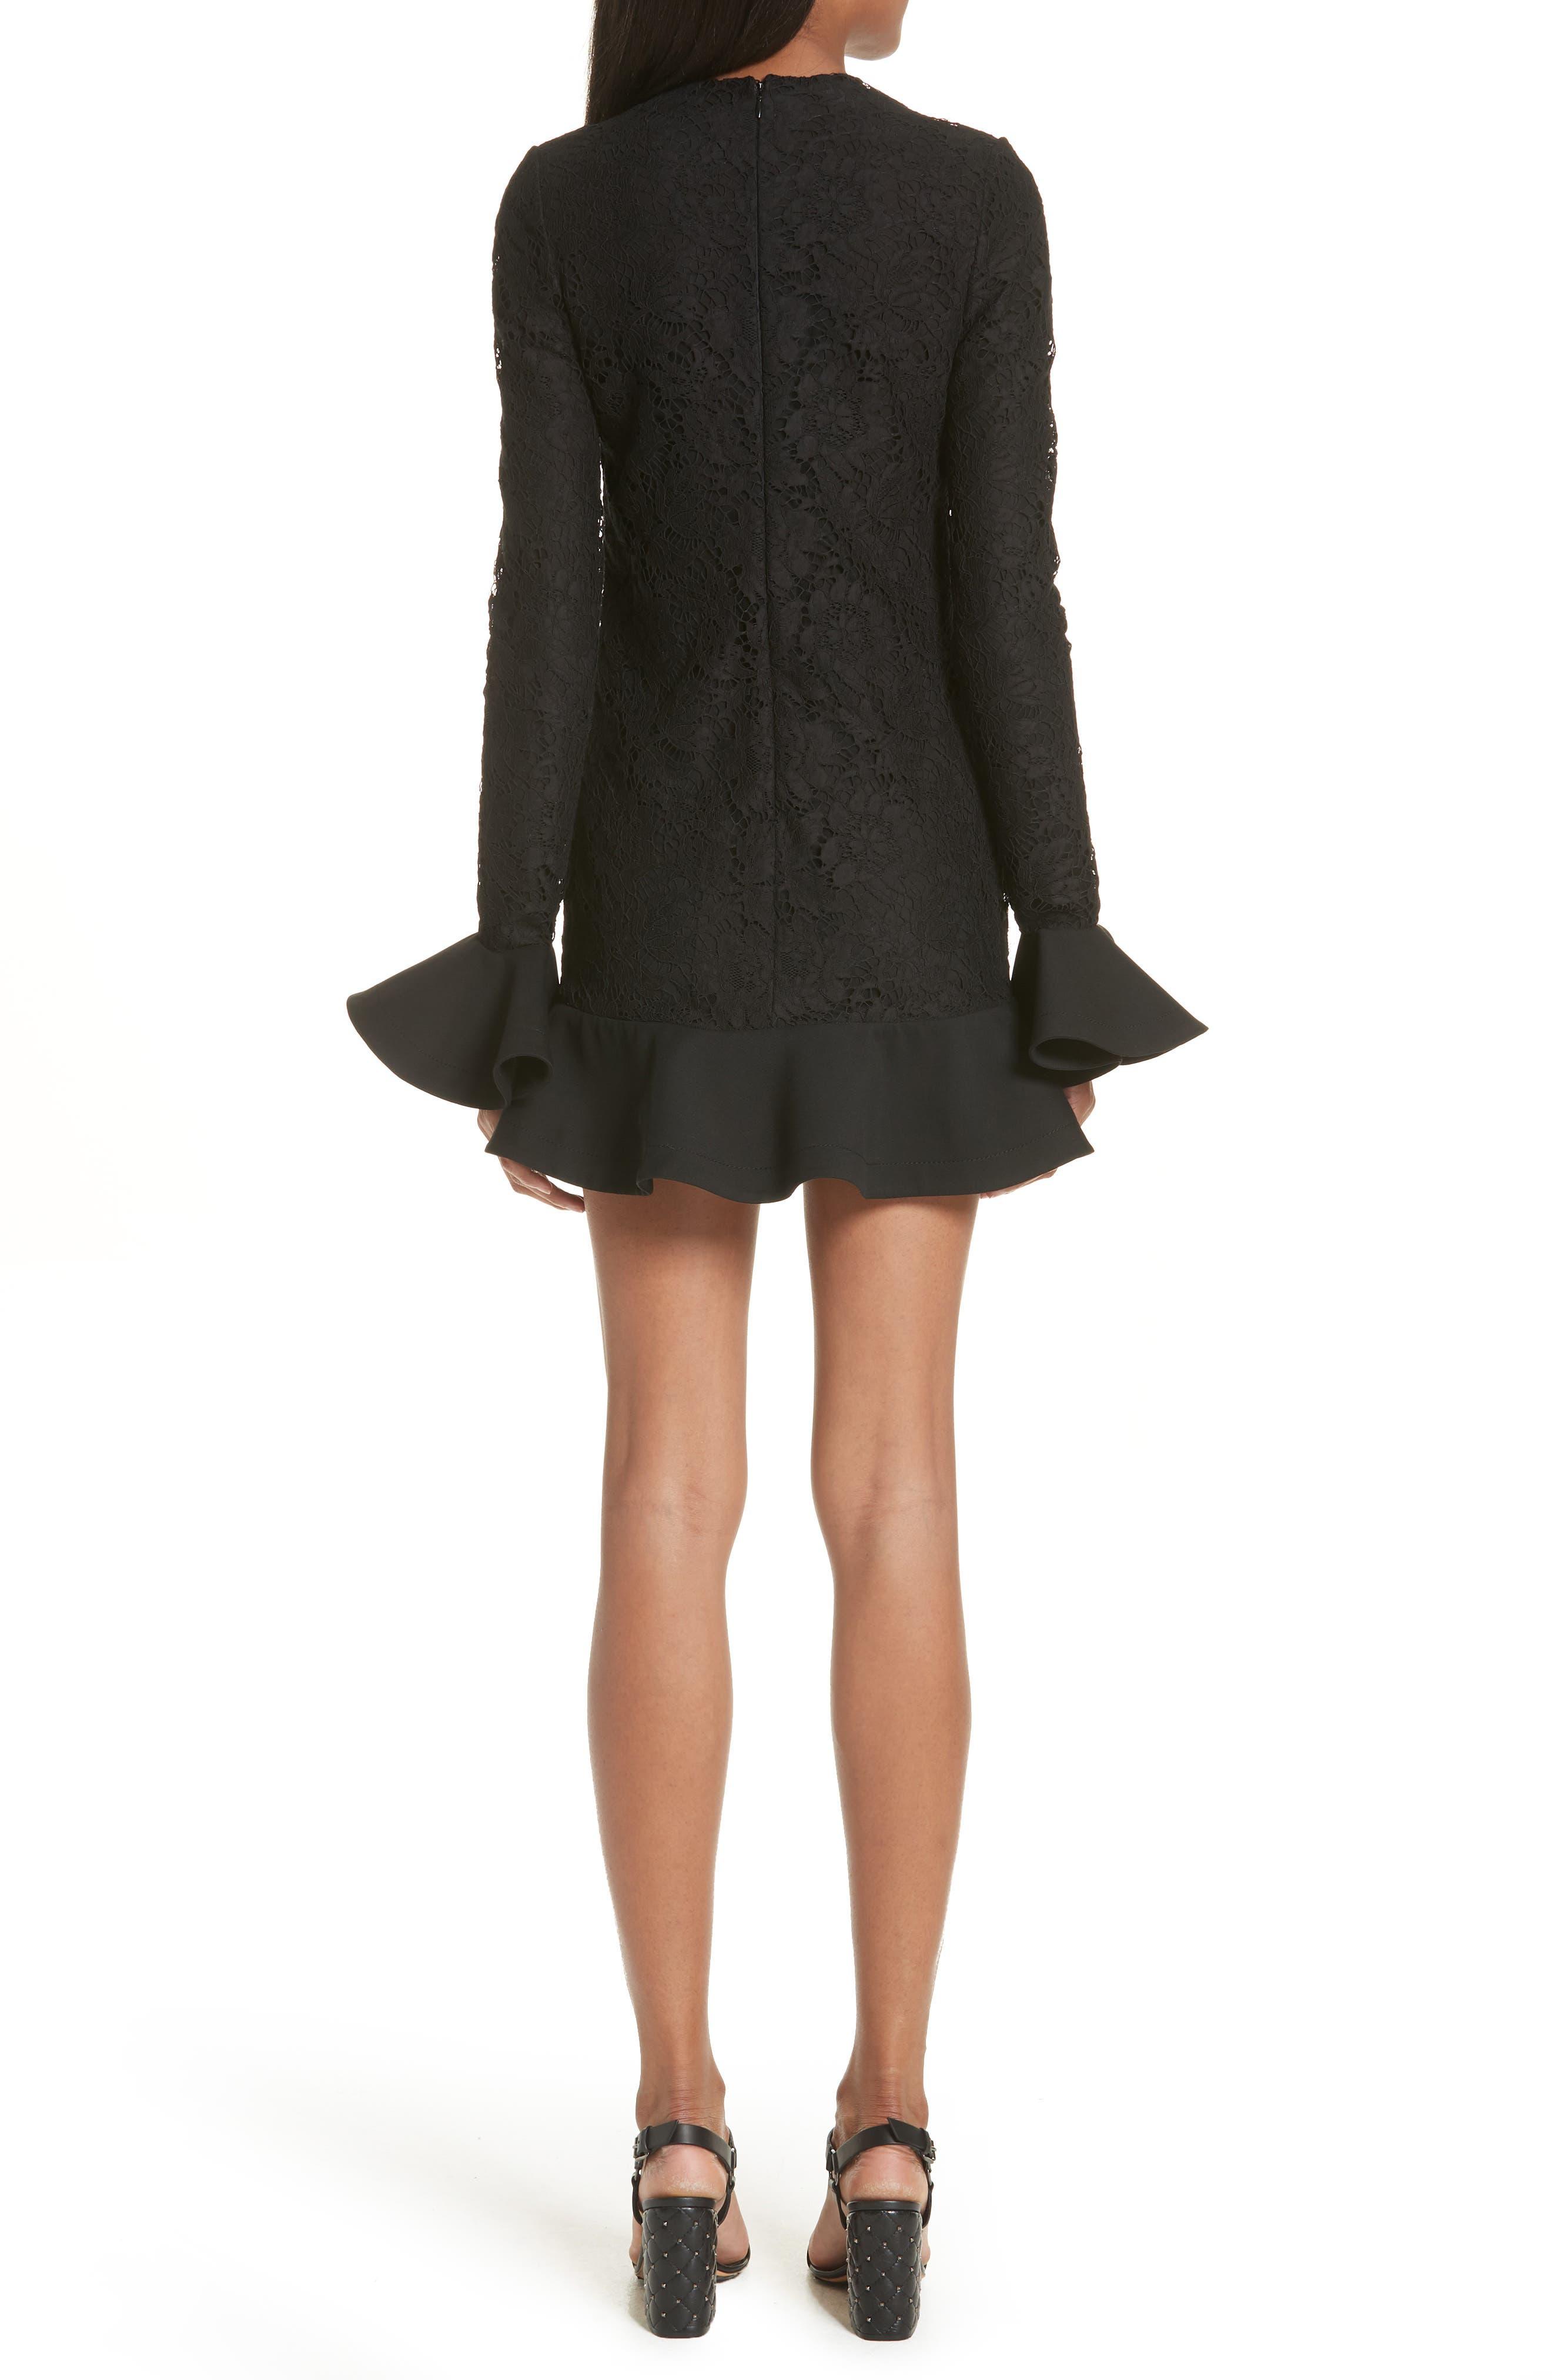 VALENTINO, Ruffle Hem Lace Dress, Alternate thumbnail 2, color, BLACK